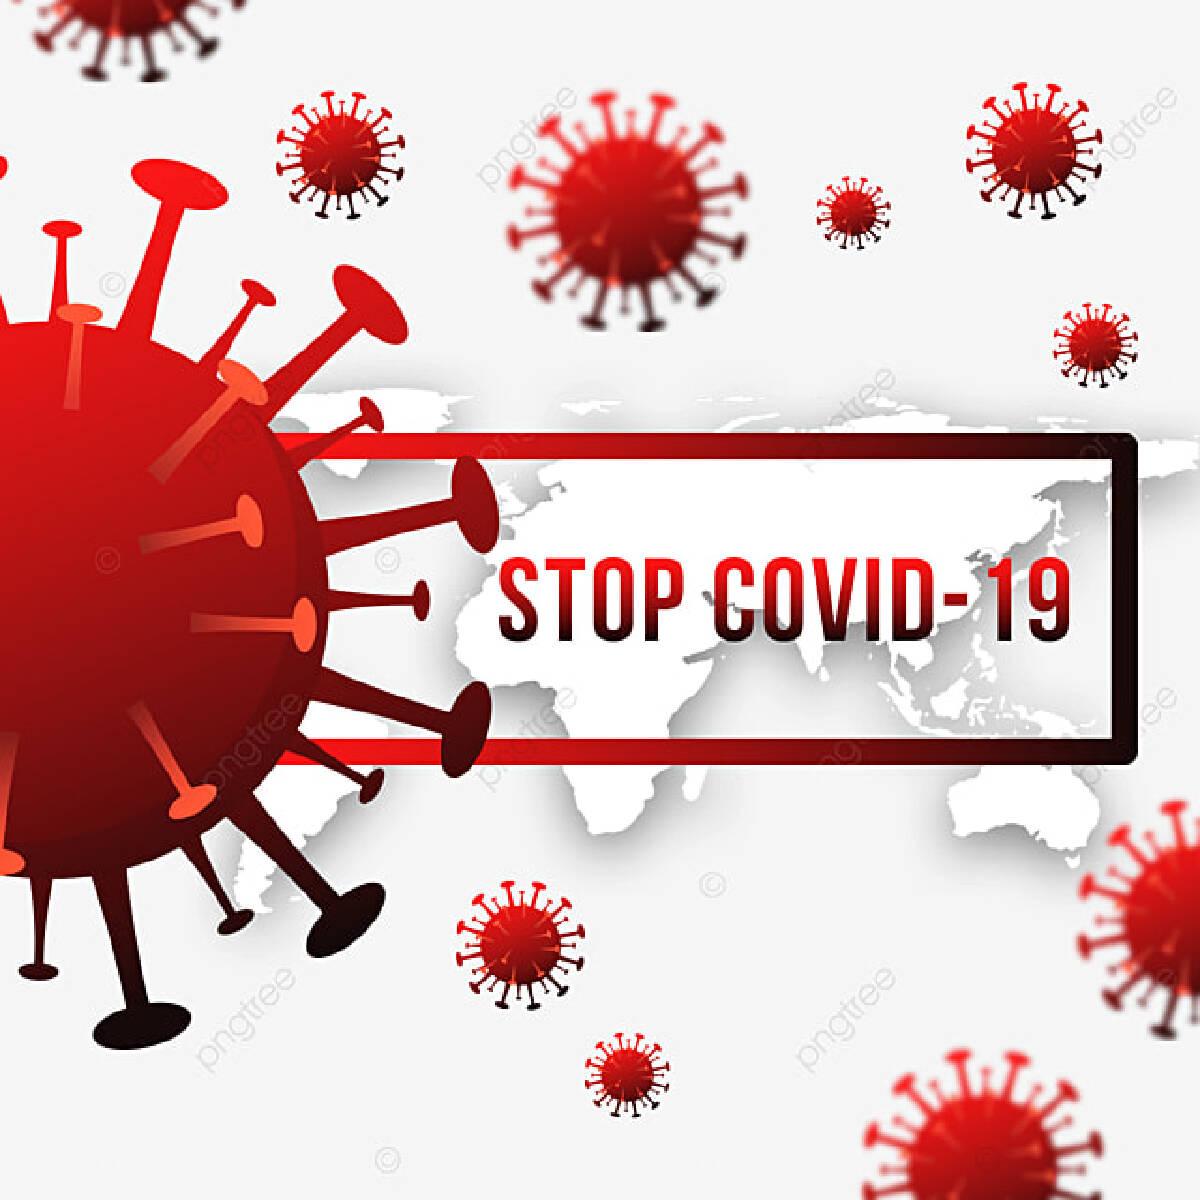 โควิด-19 โคราชจับตาเฝ้าระวังเป็นพิเศษ 11 คลัสเตอร์